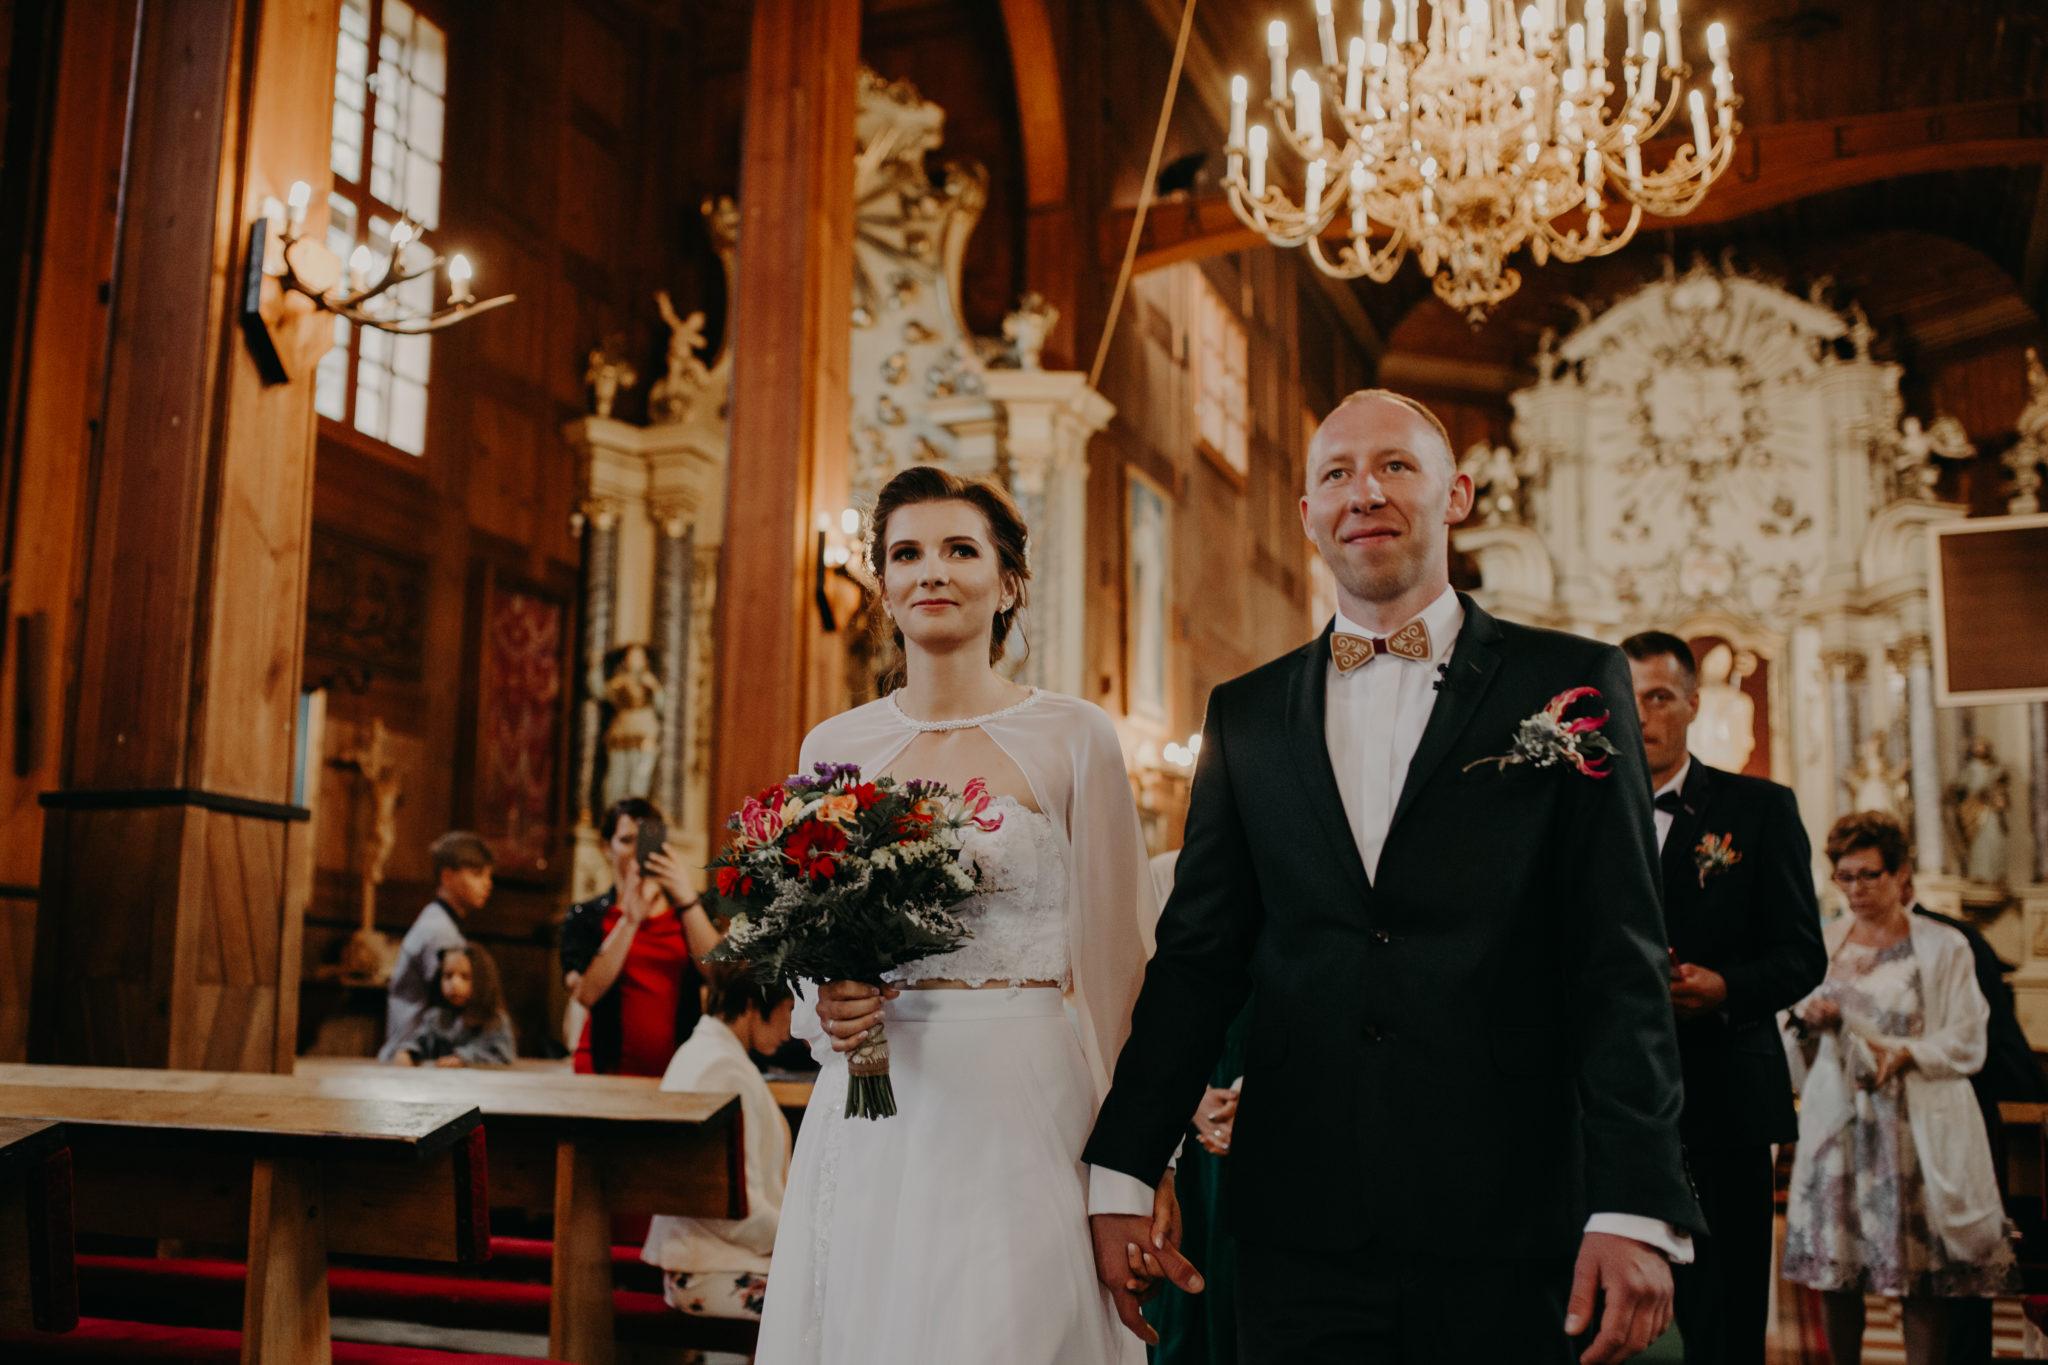 gosia i kuba67 - fotografiagk Fotografia ślubna RK wedding